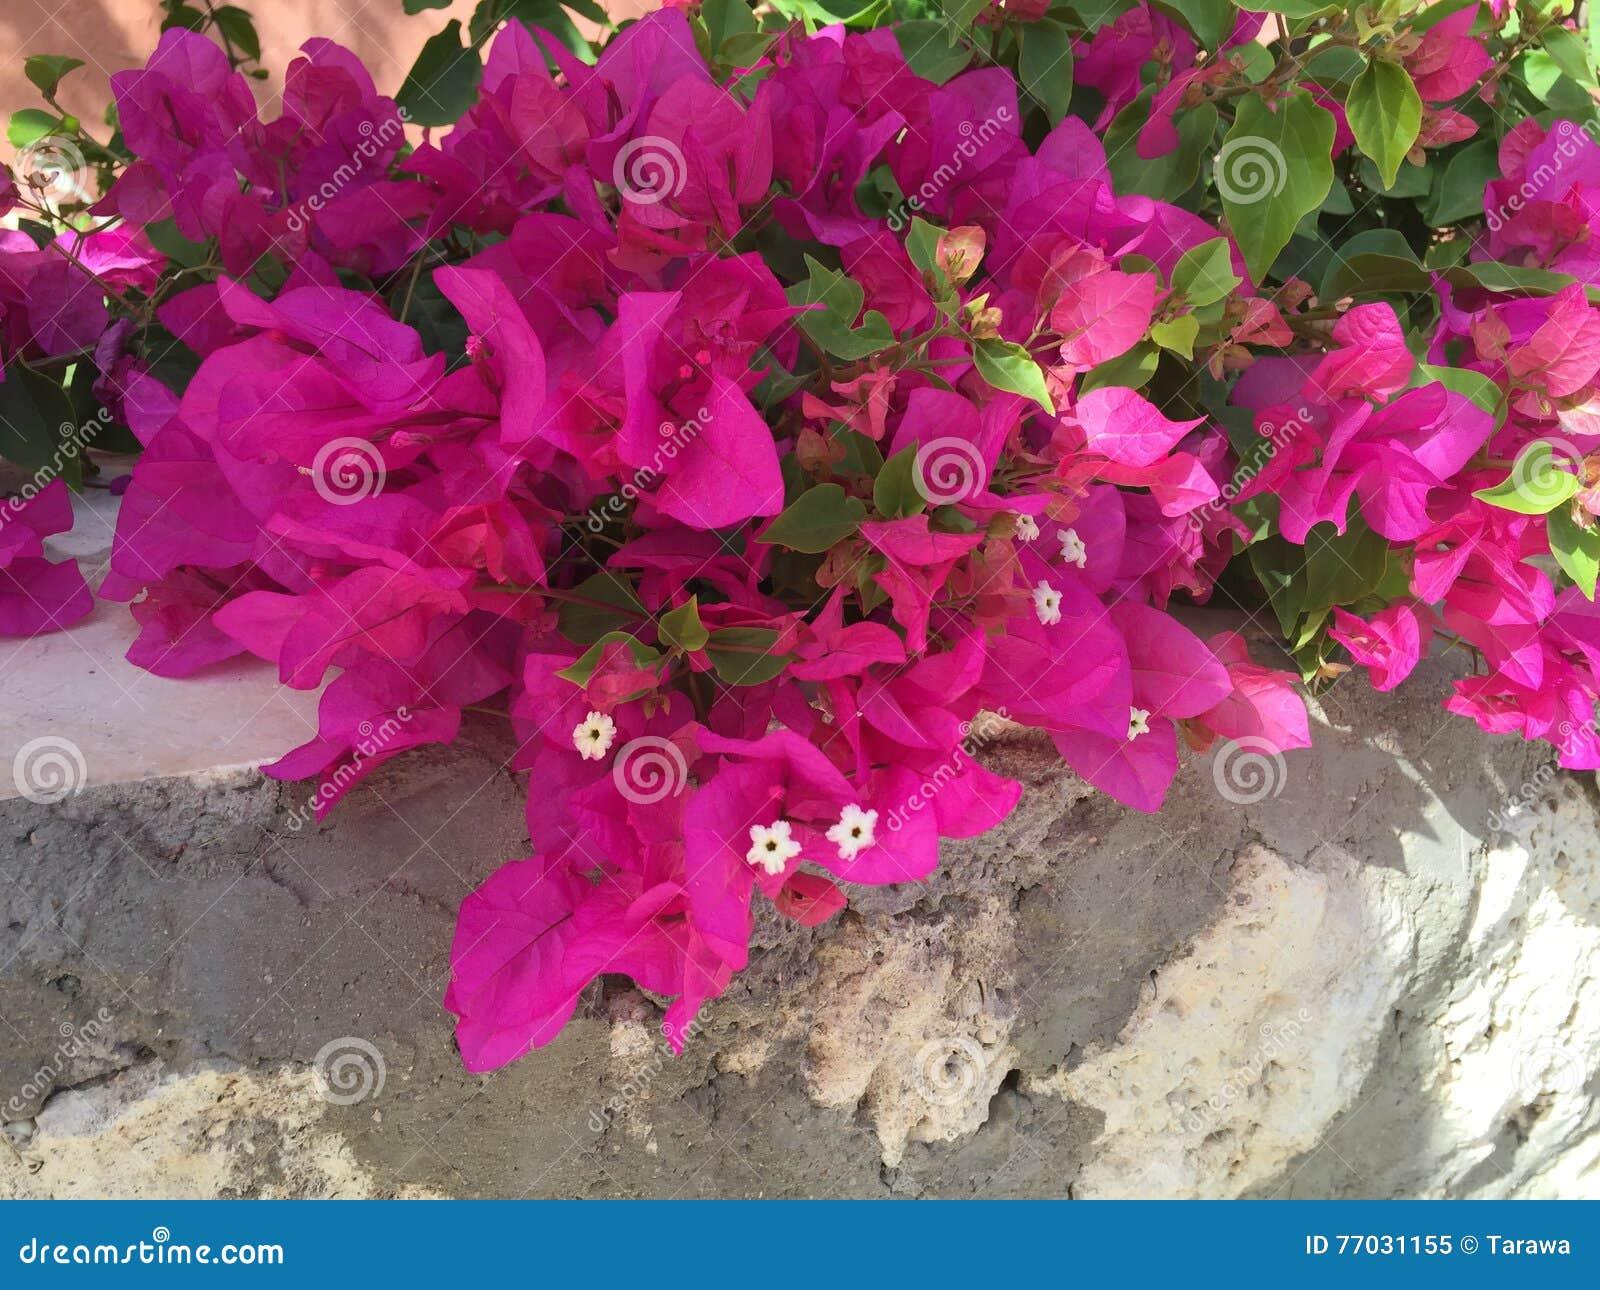 fleurs du sud photo stock - image: 77031155